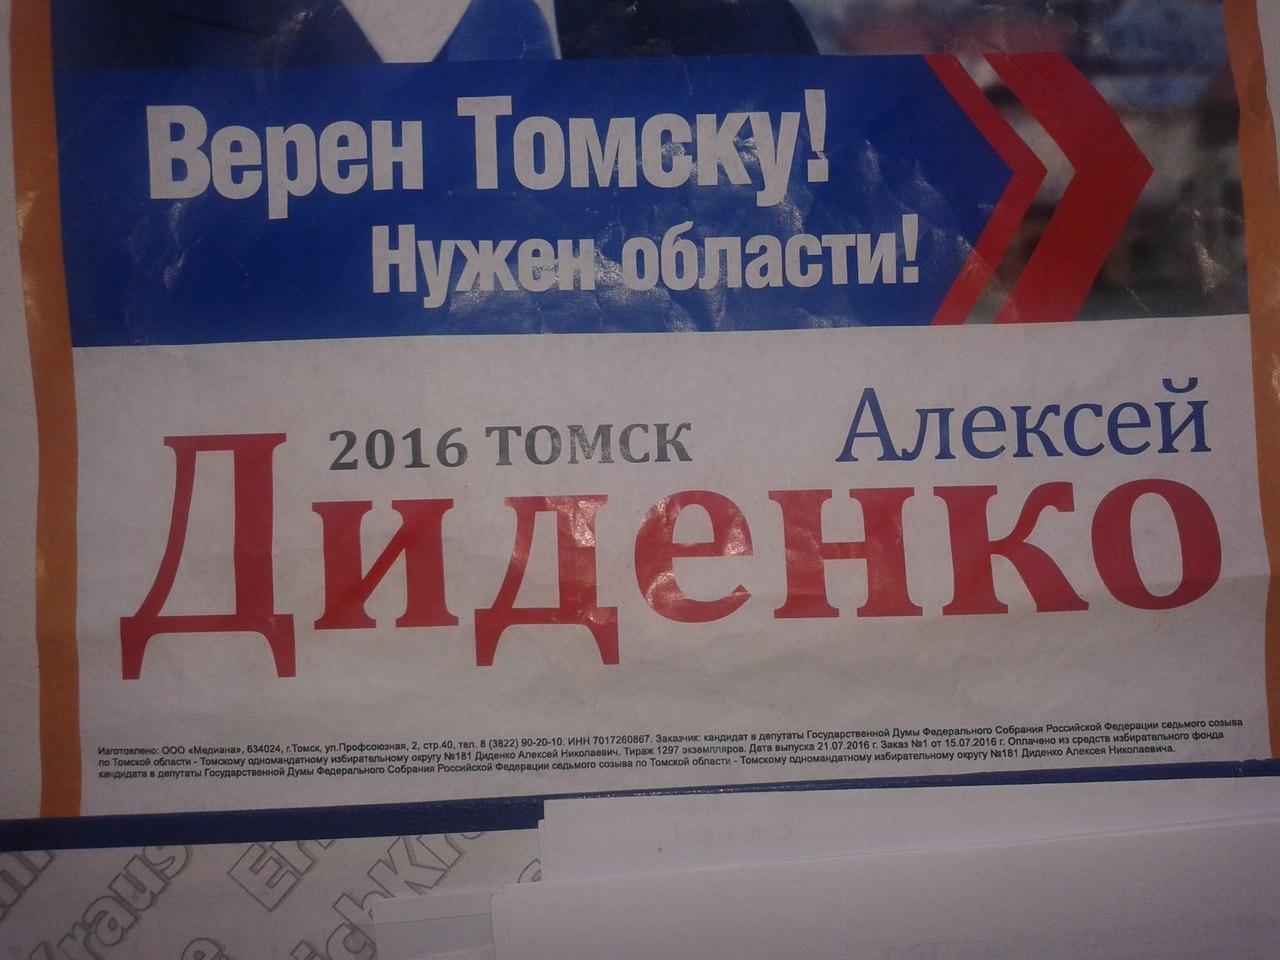 «Сегодня не все могут в завтрашний день смотреть». Как агитация от кандидатов ЛДПР в Томске нарушила пространственно-временной континуум